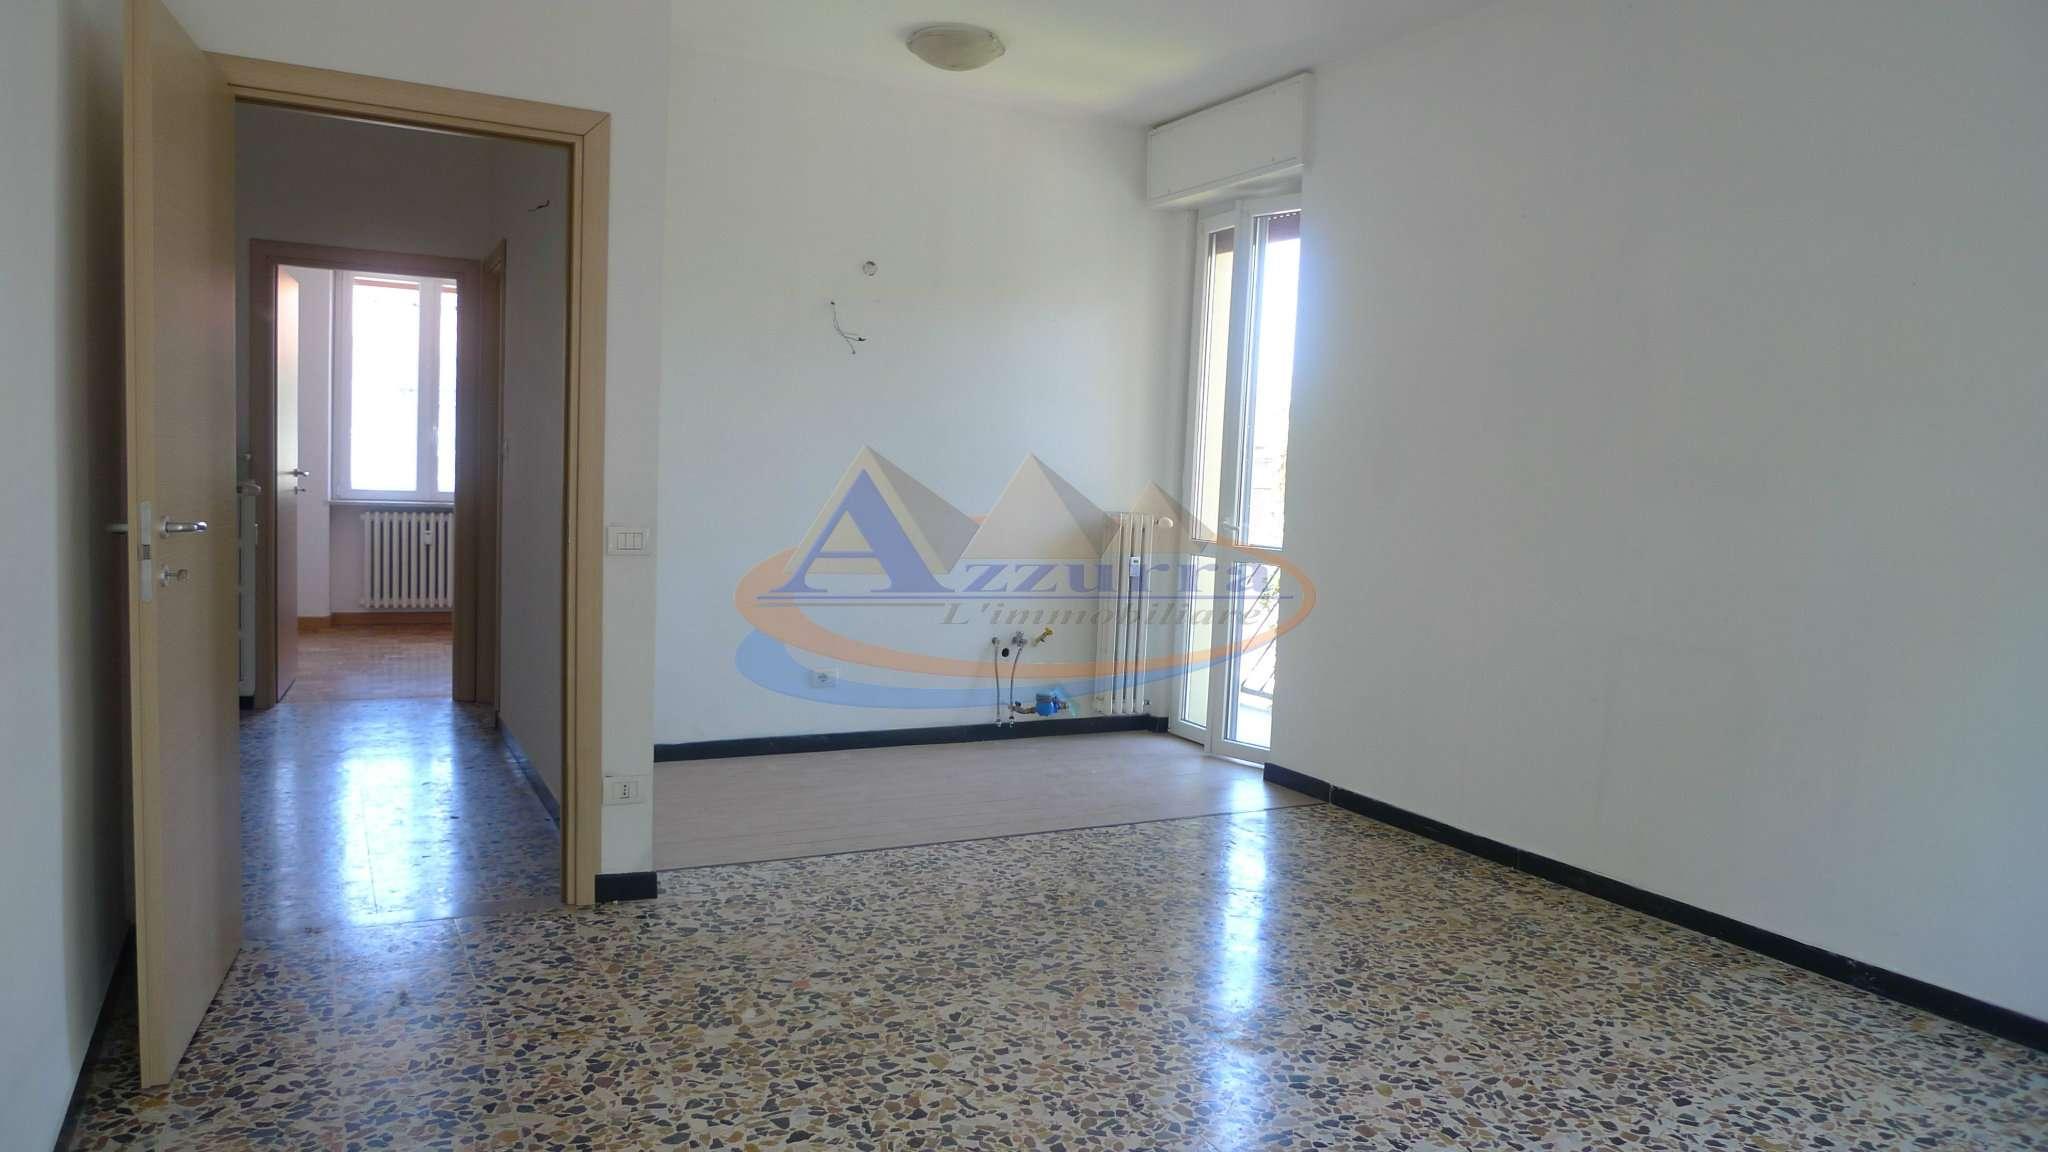 Appartamento in affitto a Alessandria, 2 locali, prezzo € 280 | CambioCasa.it